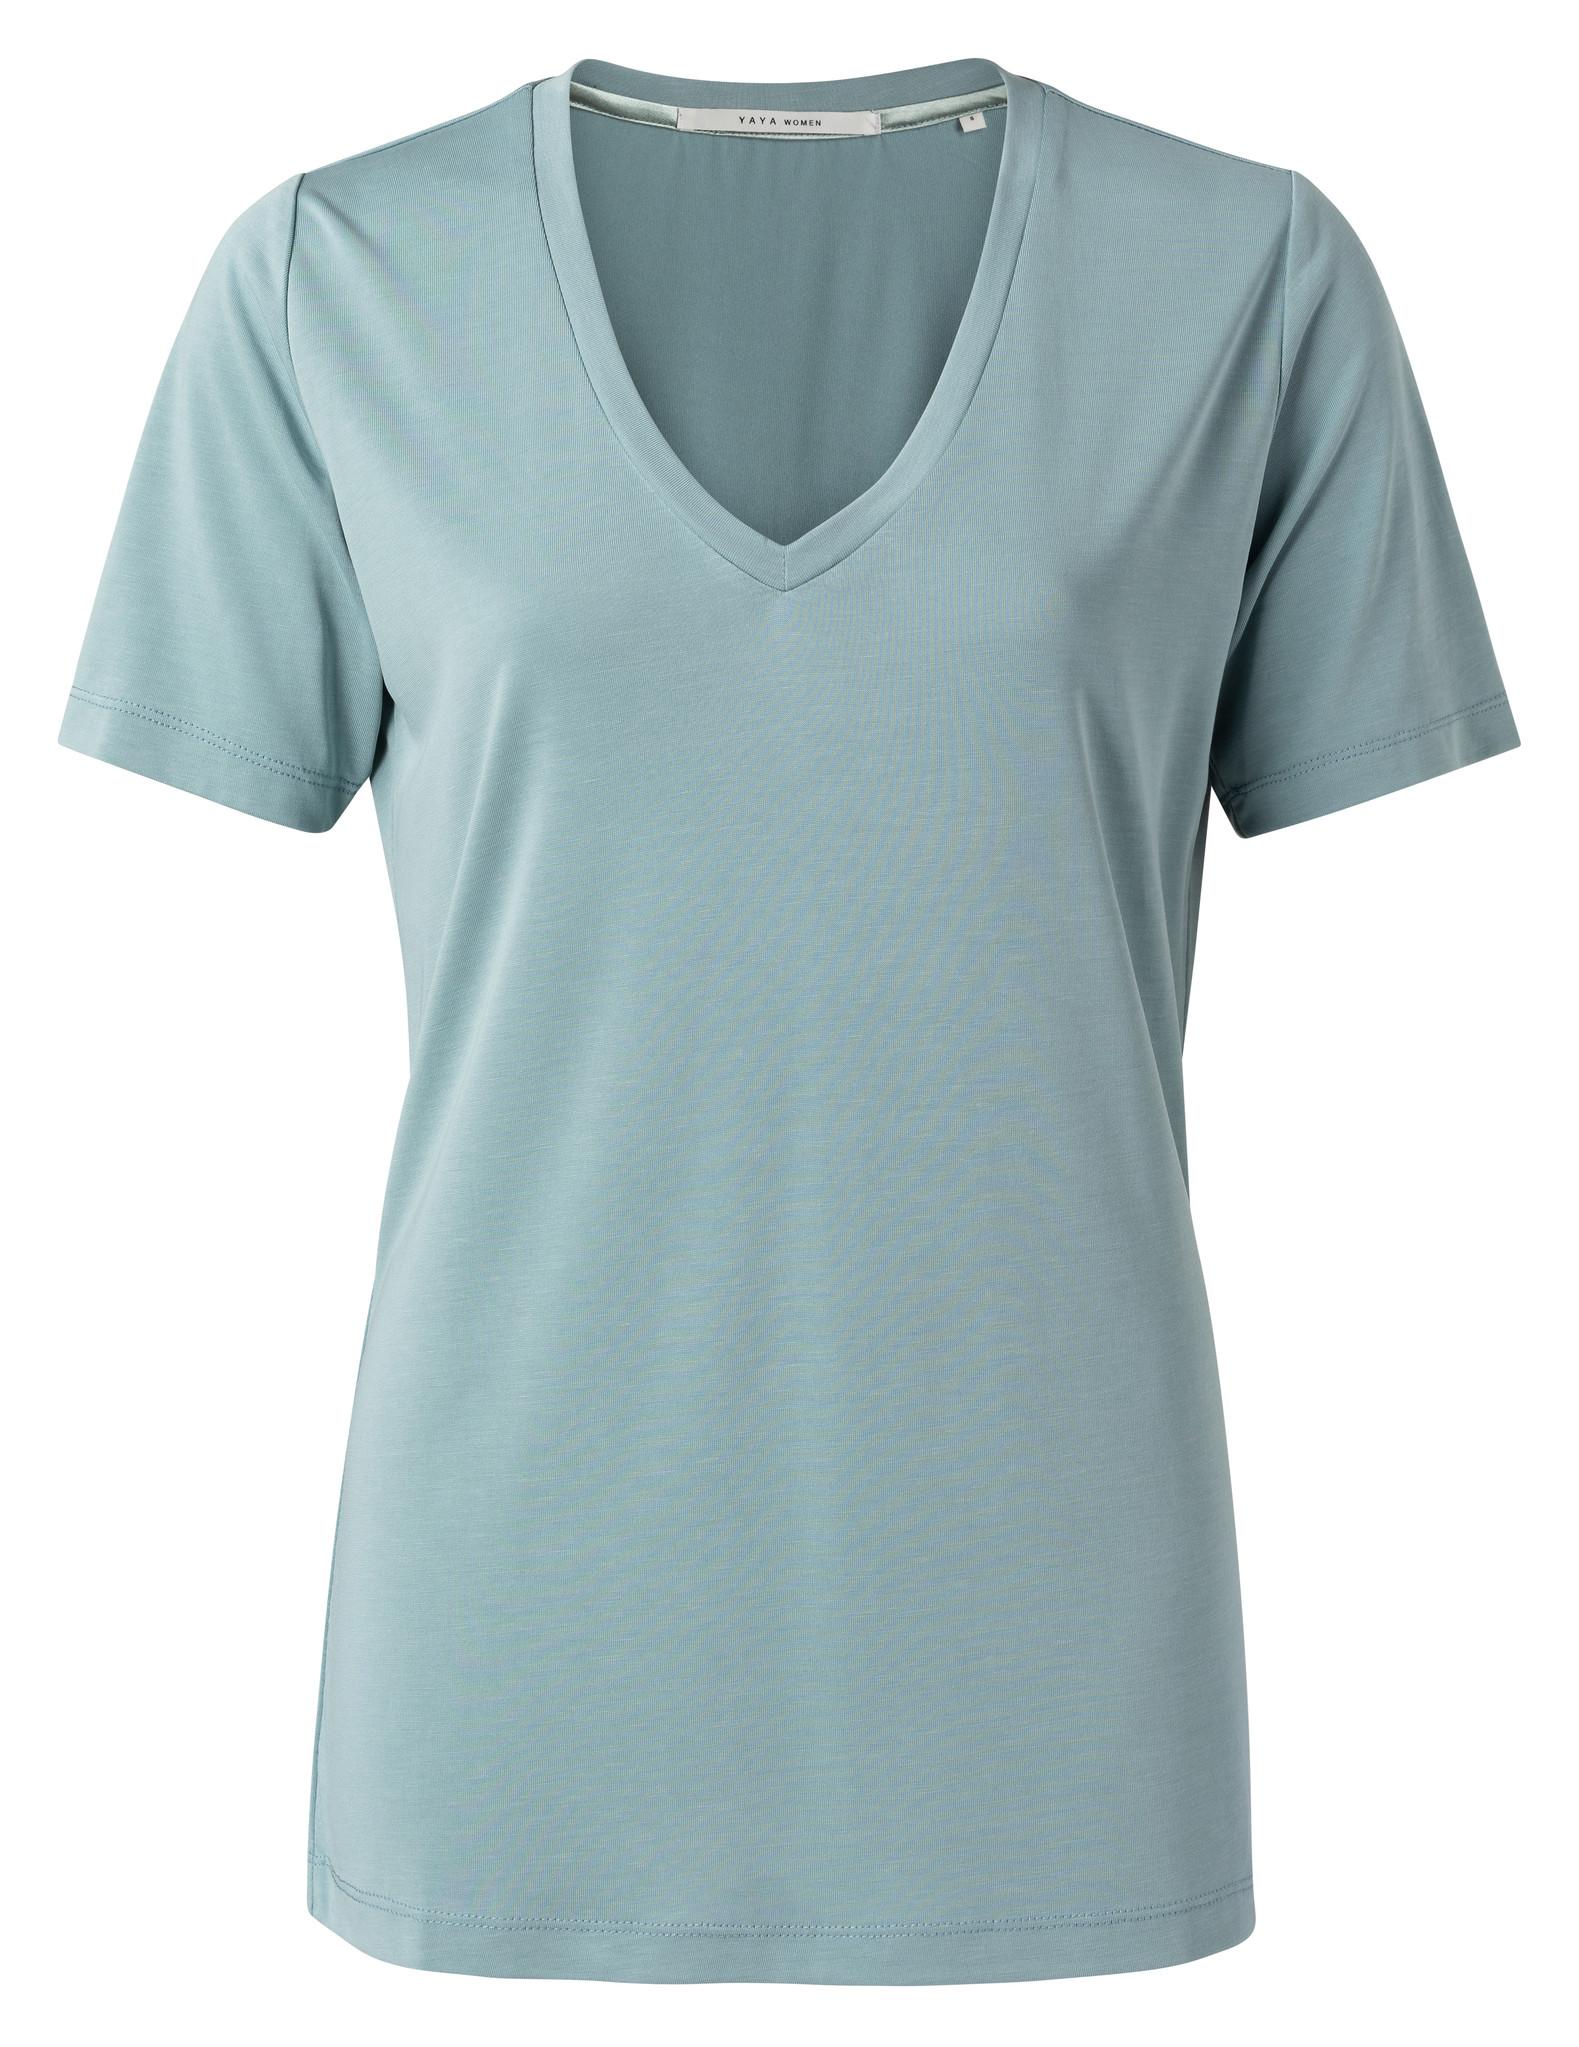 yaya Modal v-neck t-shirt 1919121-112-1